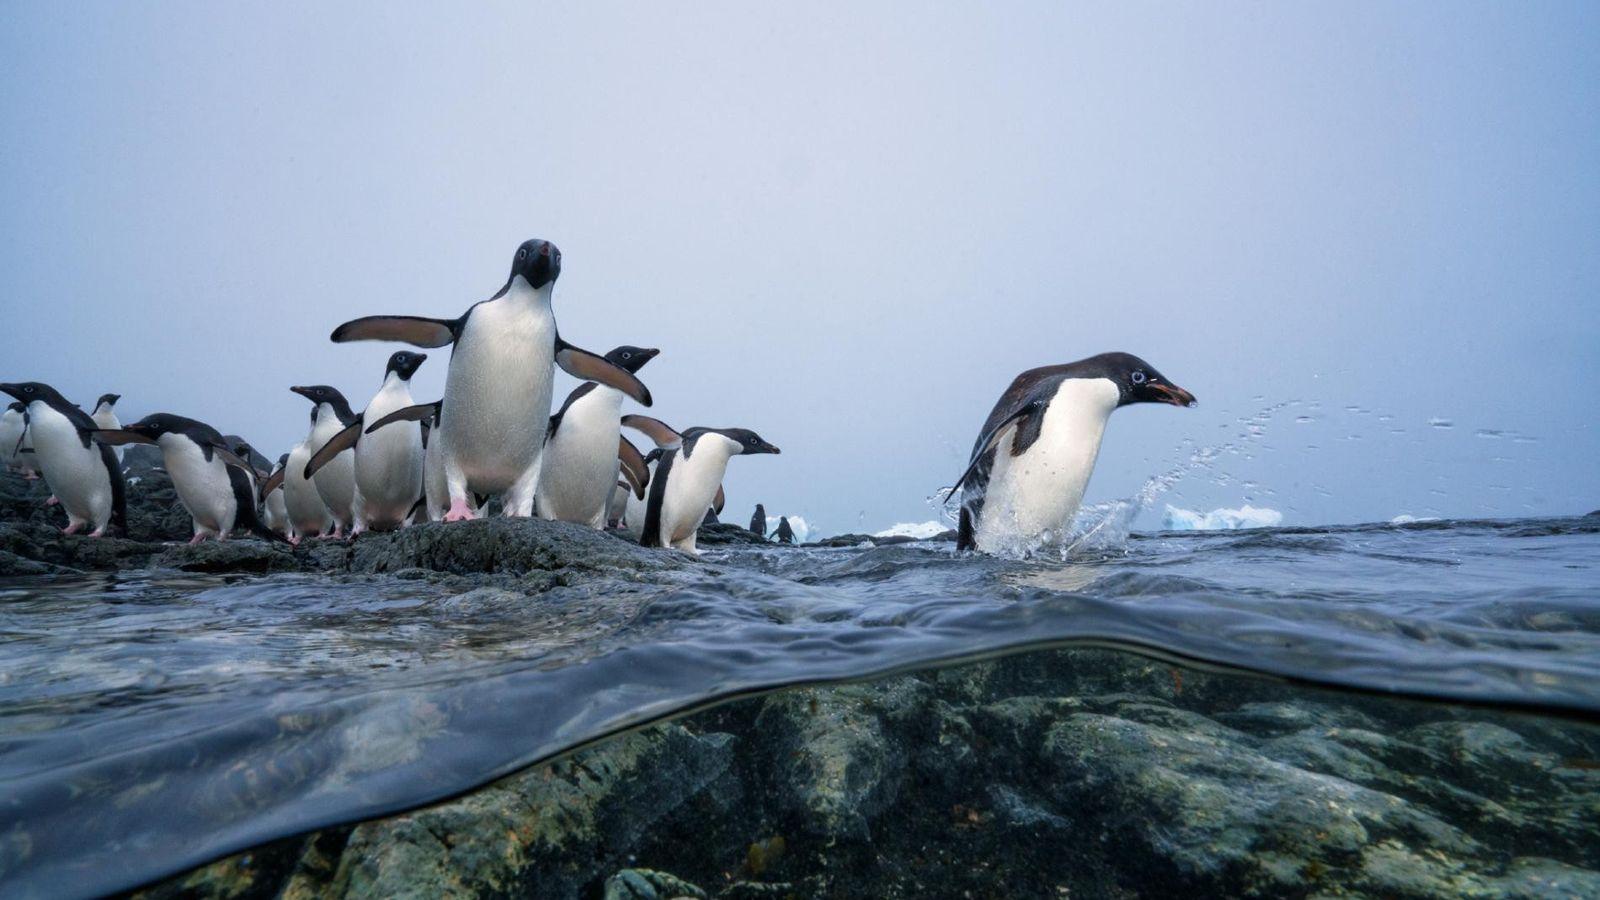 Les jeunes manchots Adélie se préparent pour leur première baignade. Bientôt, ils apprendront à chasser le ...